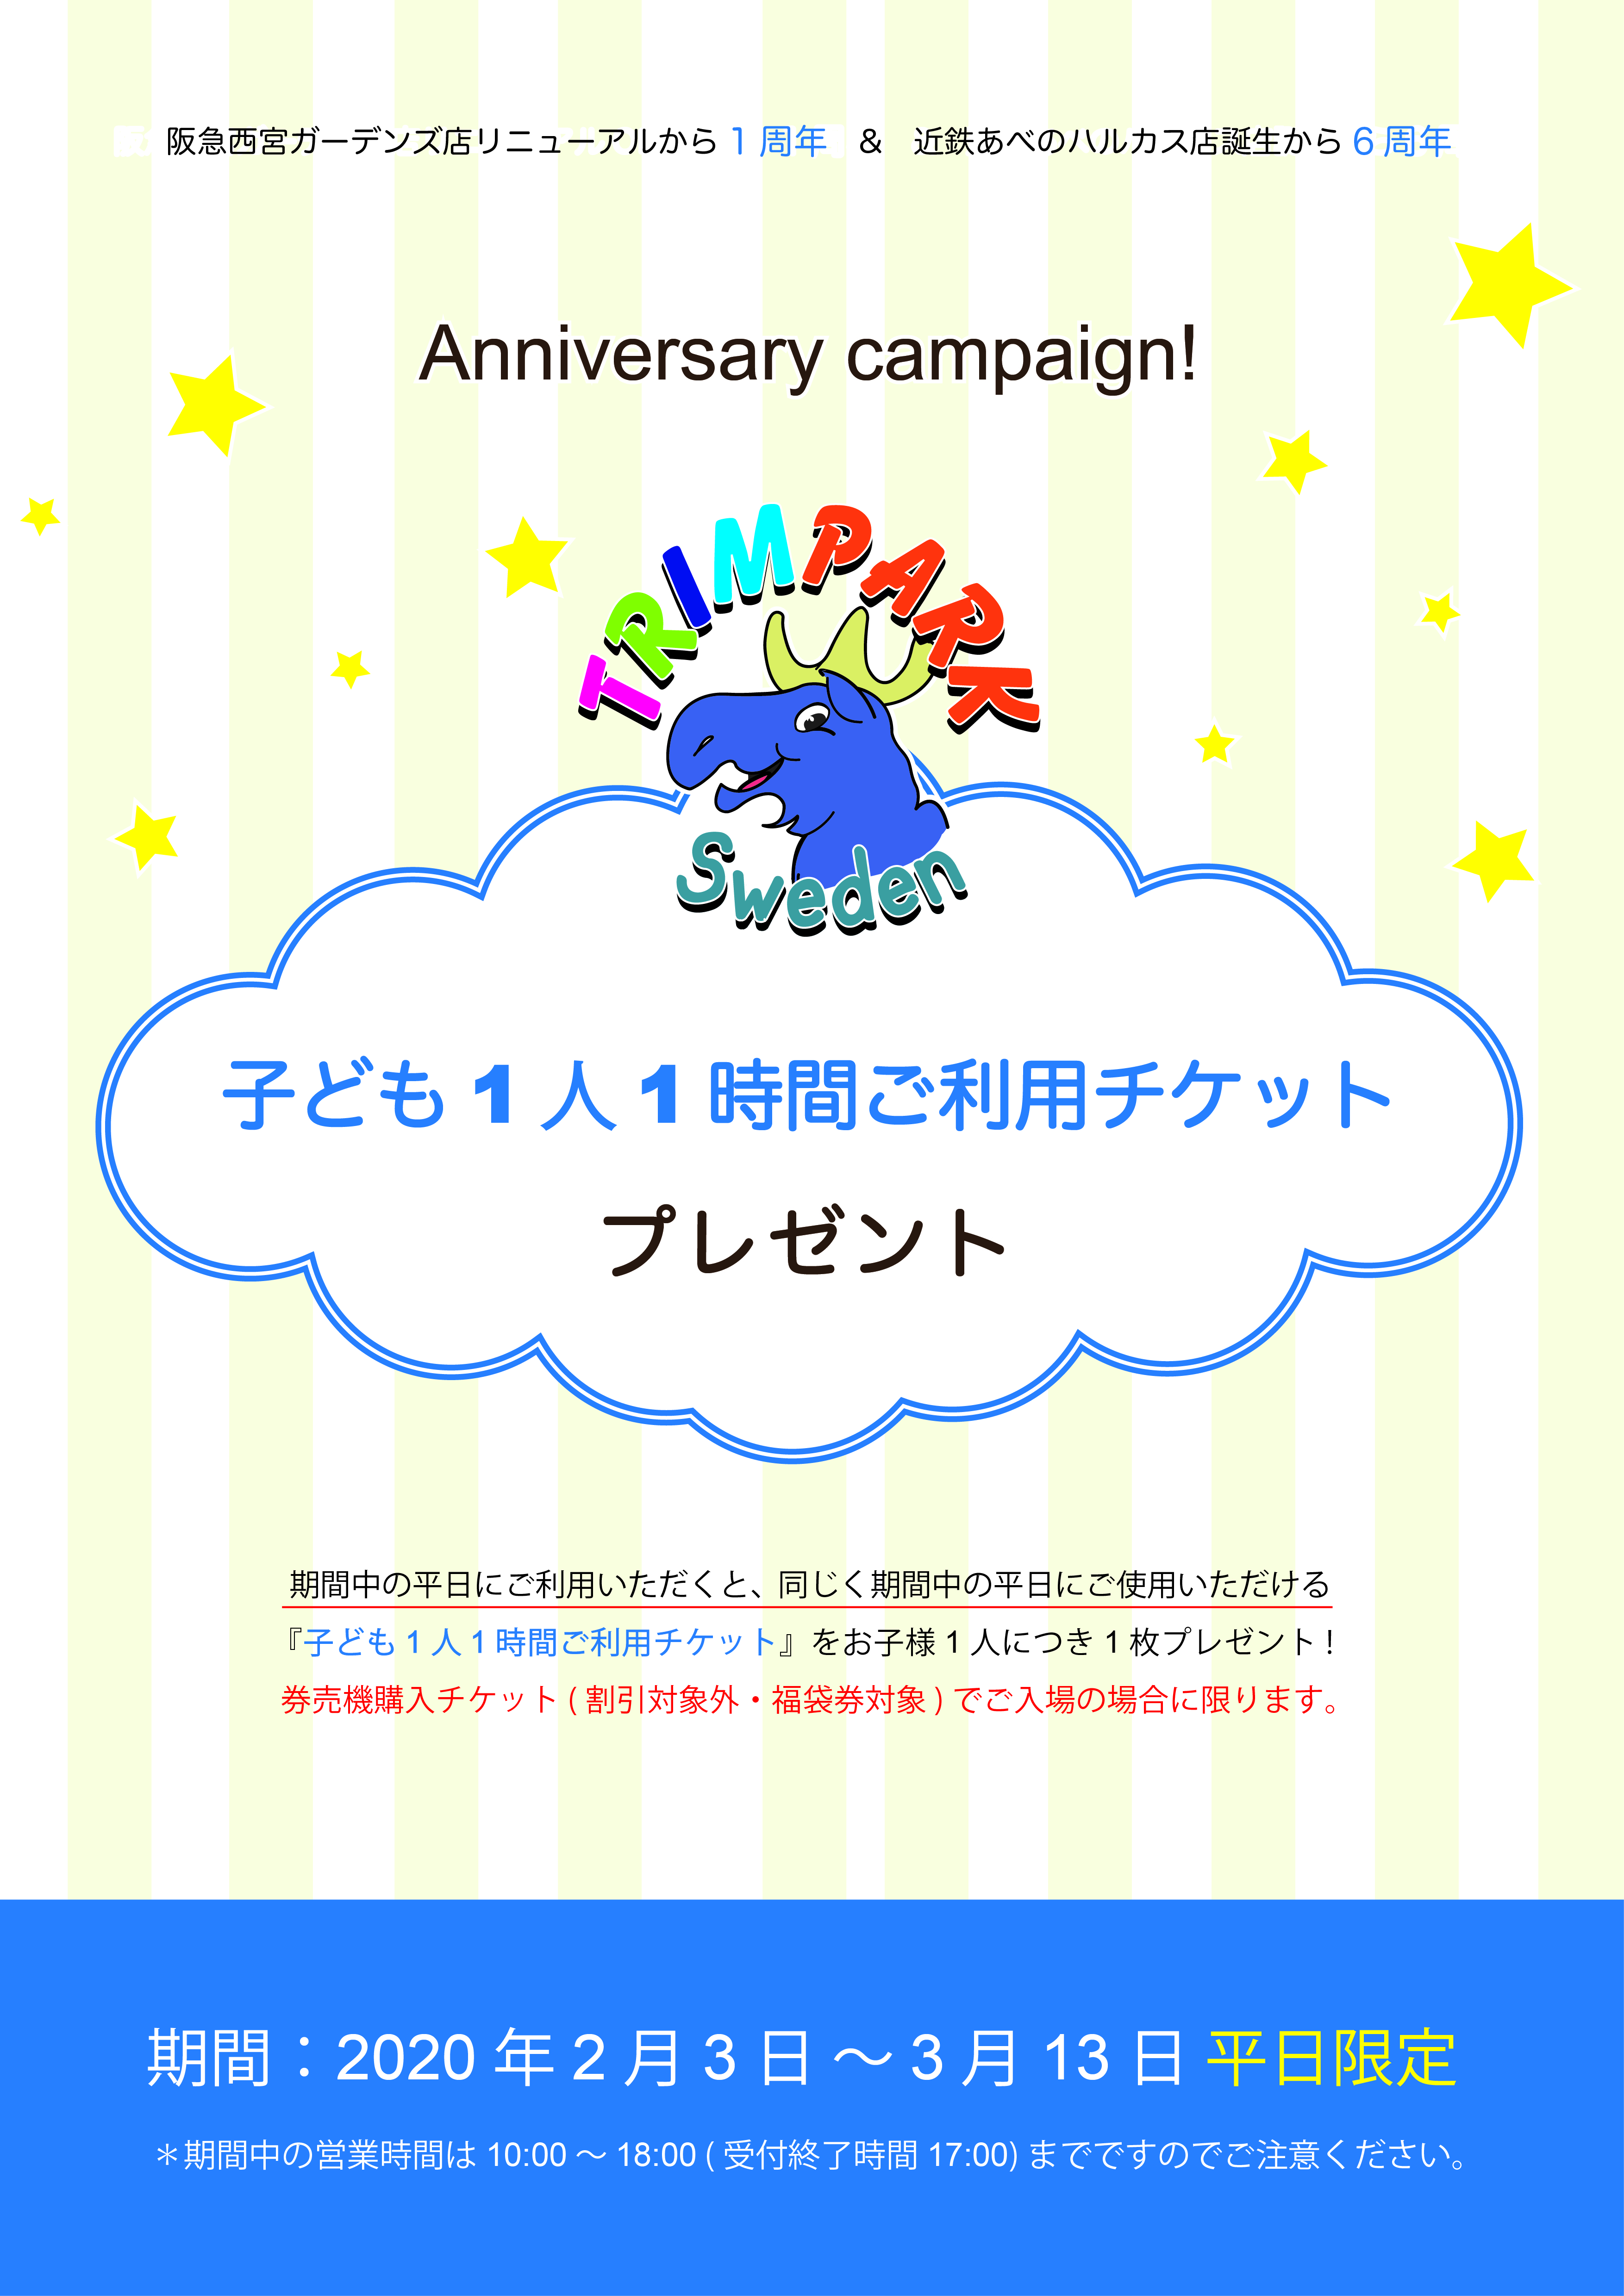 ★☆アニバーサリーキャンペーン☆★